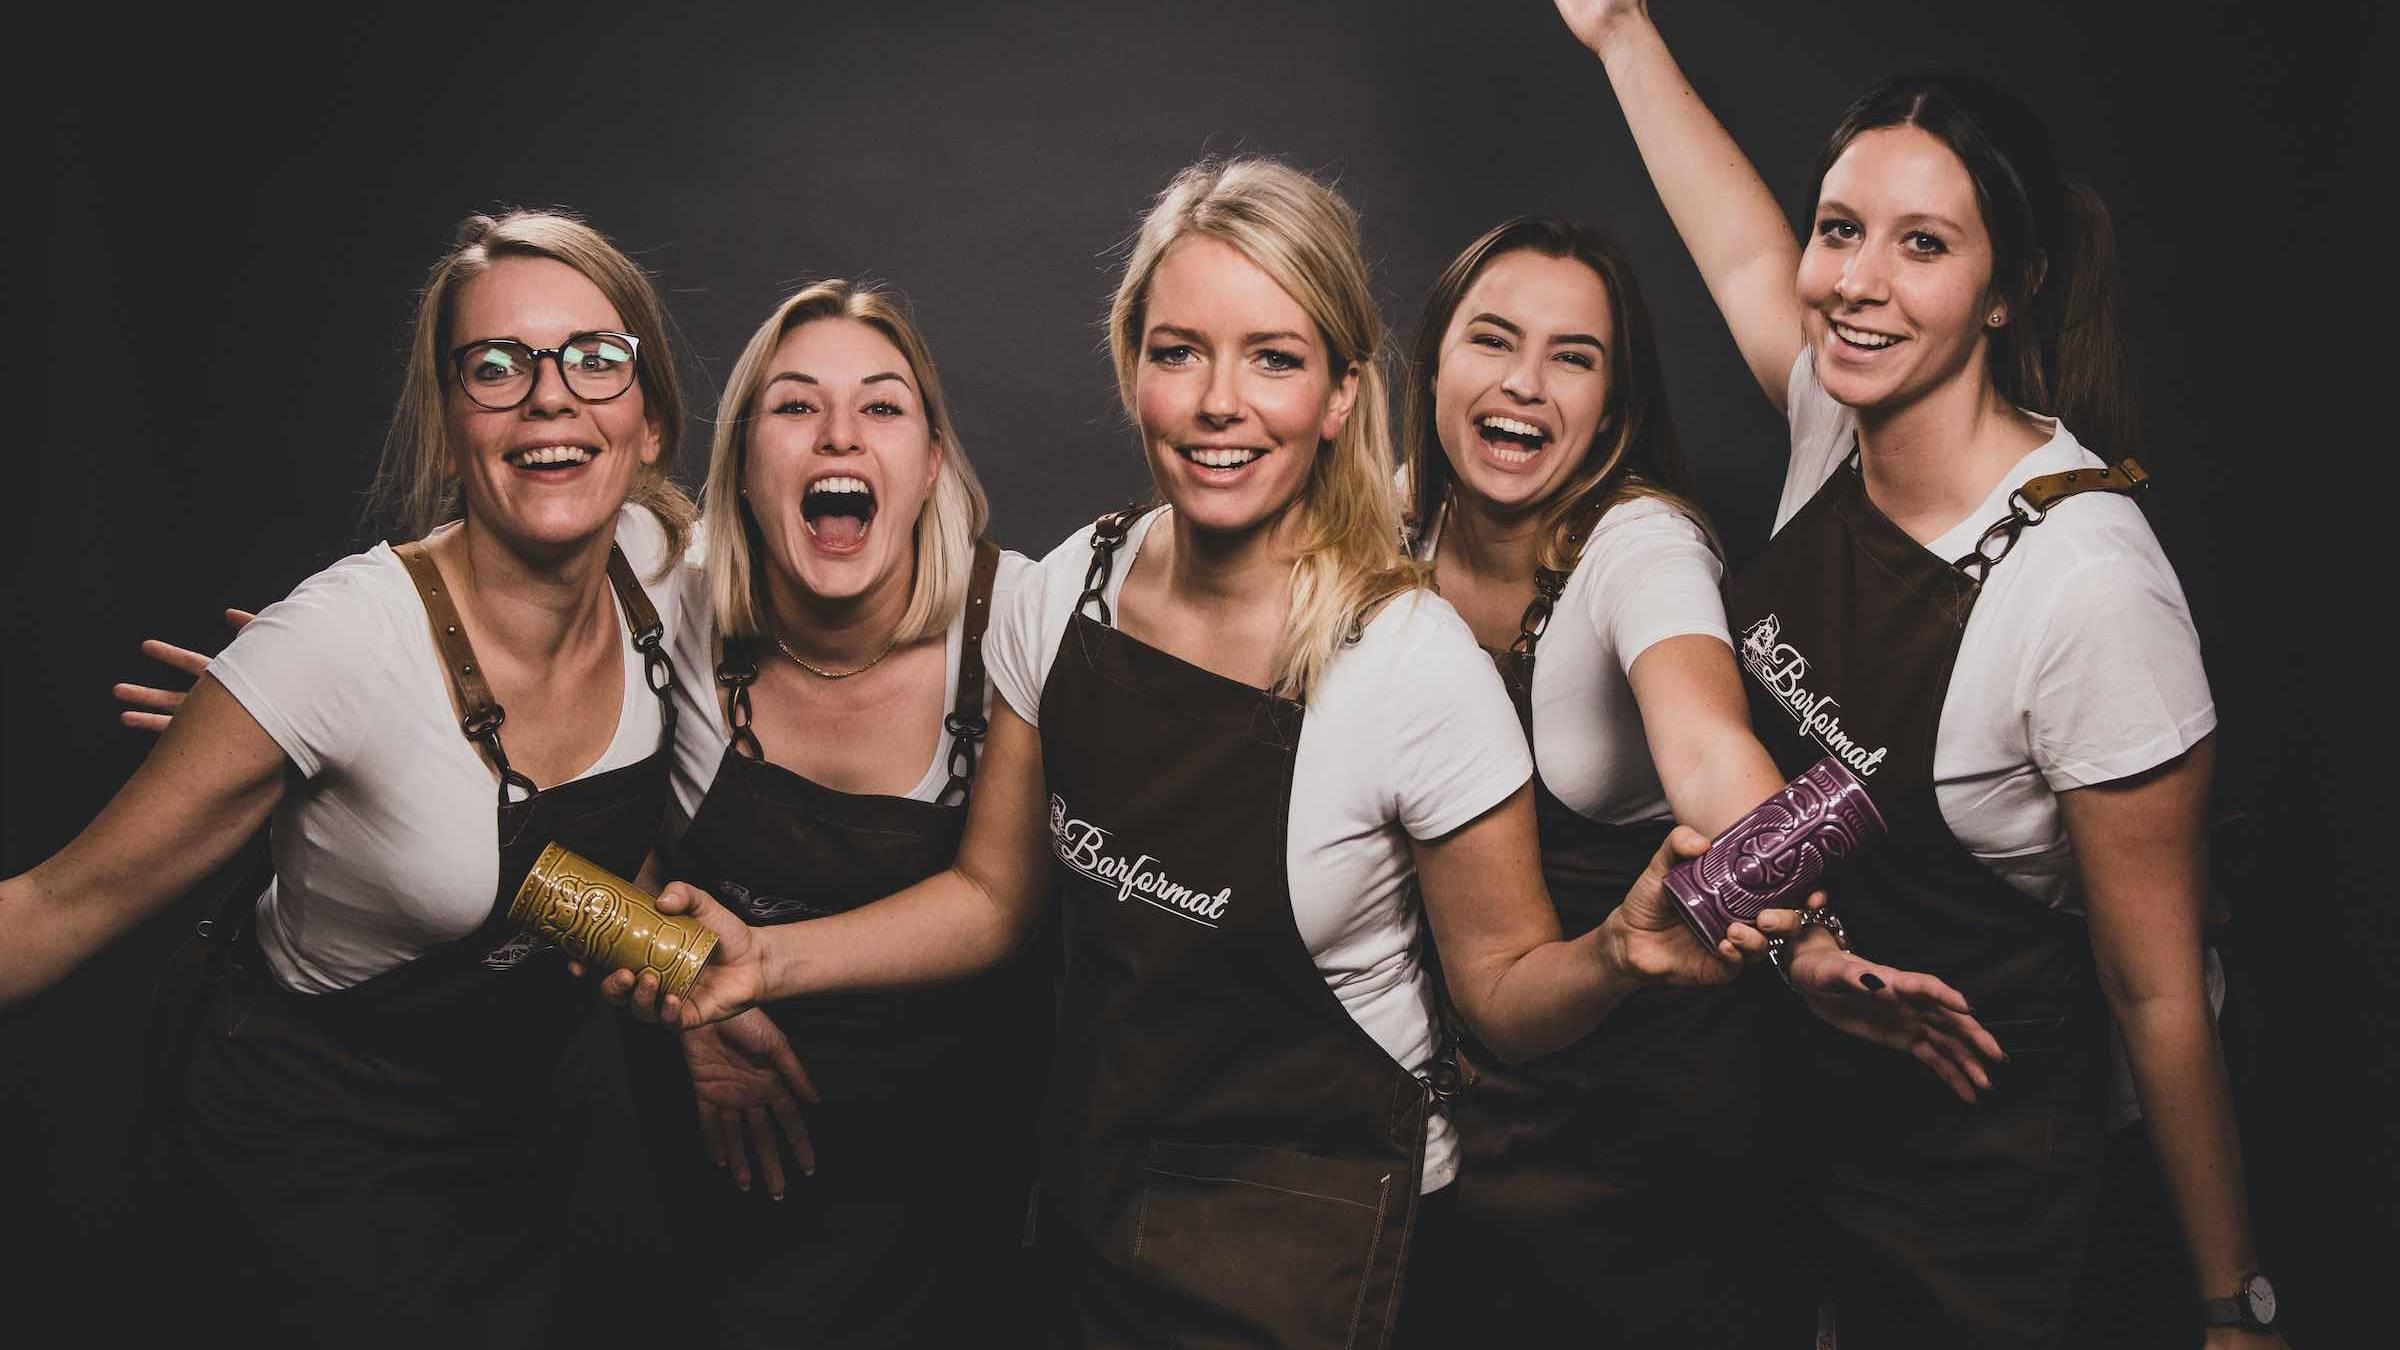 Hamburgfeiert  Partner  Barformat  Mobile  Bar  Cocktailservice  Weinbar  Ginbar  Tasting  Foodtruck  Bulli  Bar  Ginbar  Weinbar  Kaffee  Bulli  Bar  Barkeeper  Mieten  Buchen